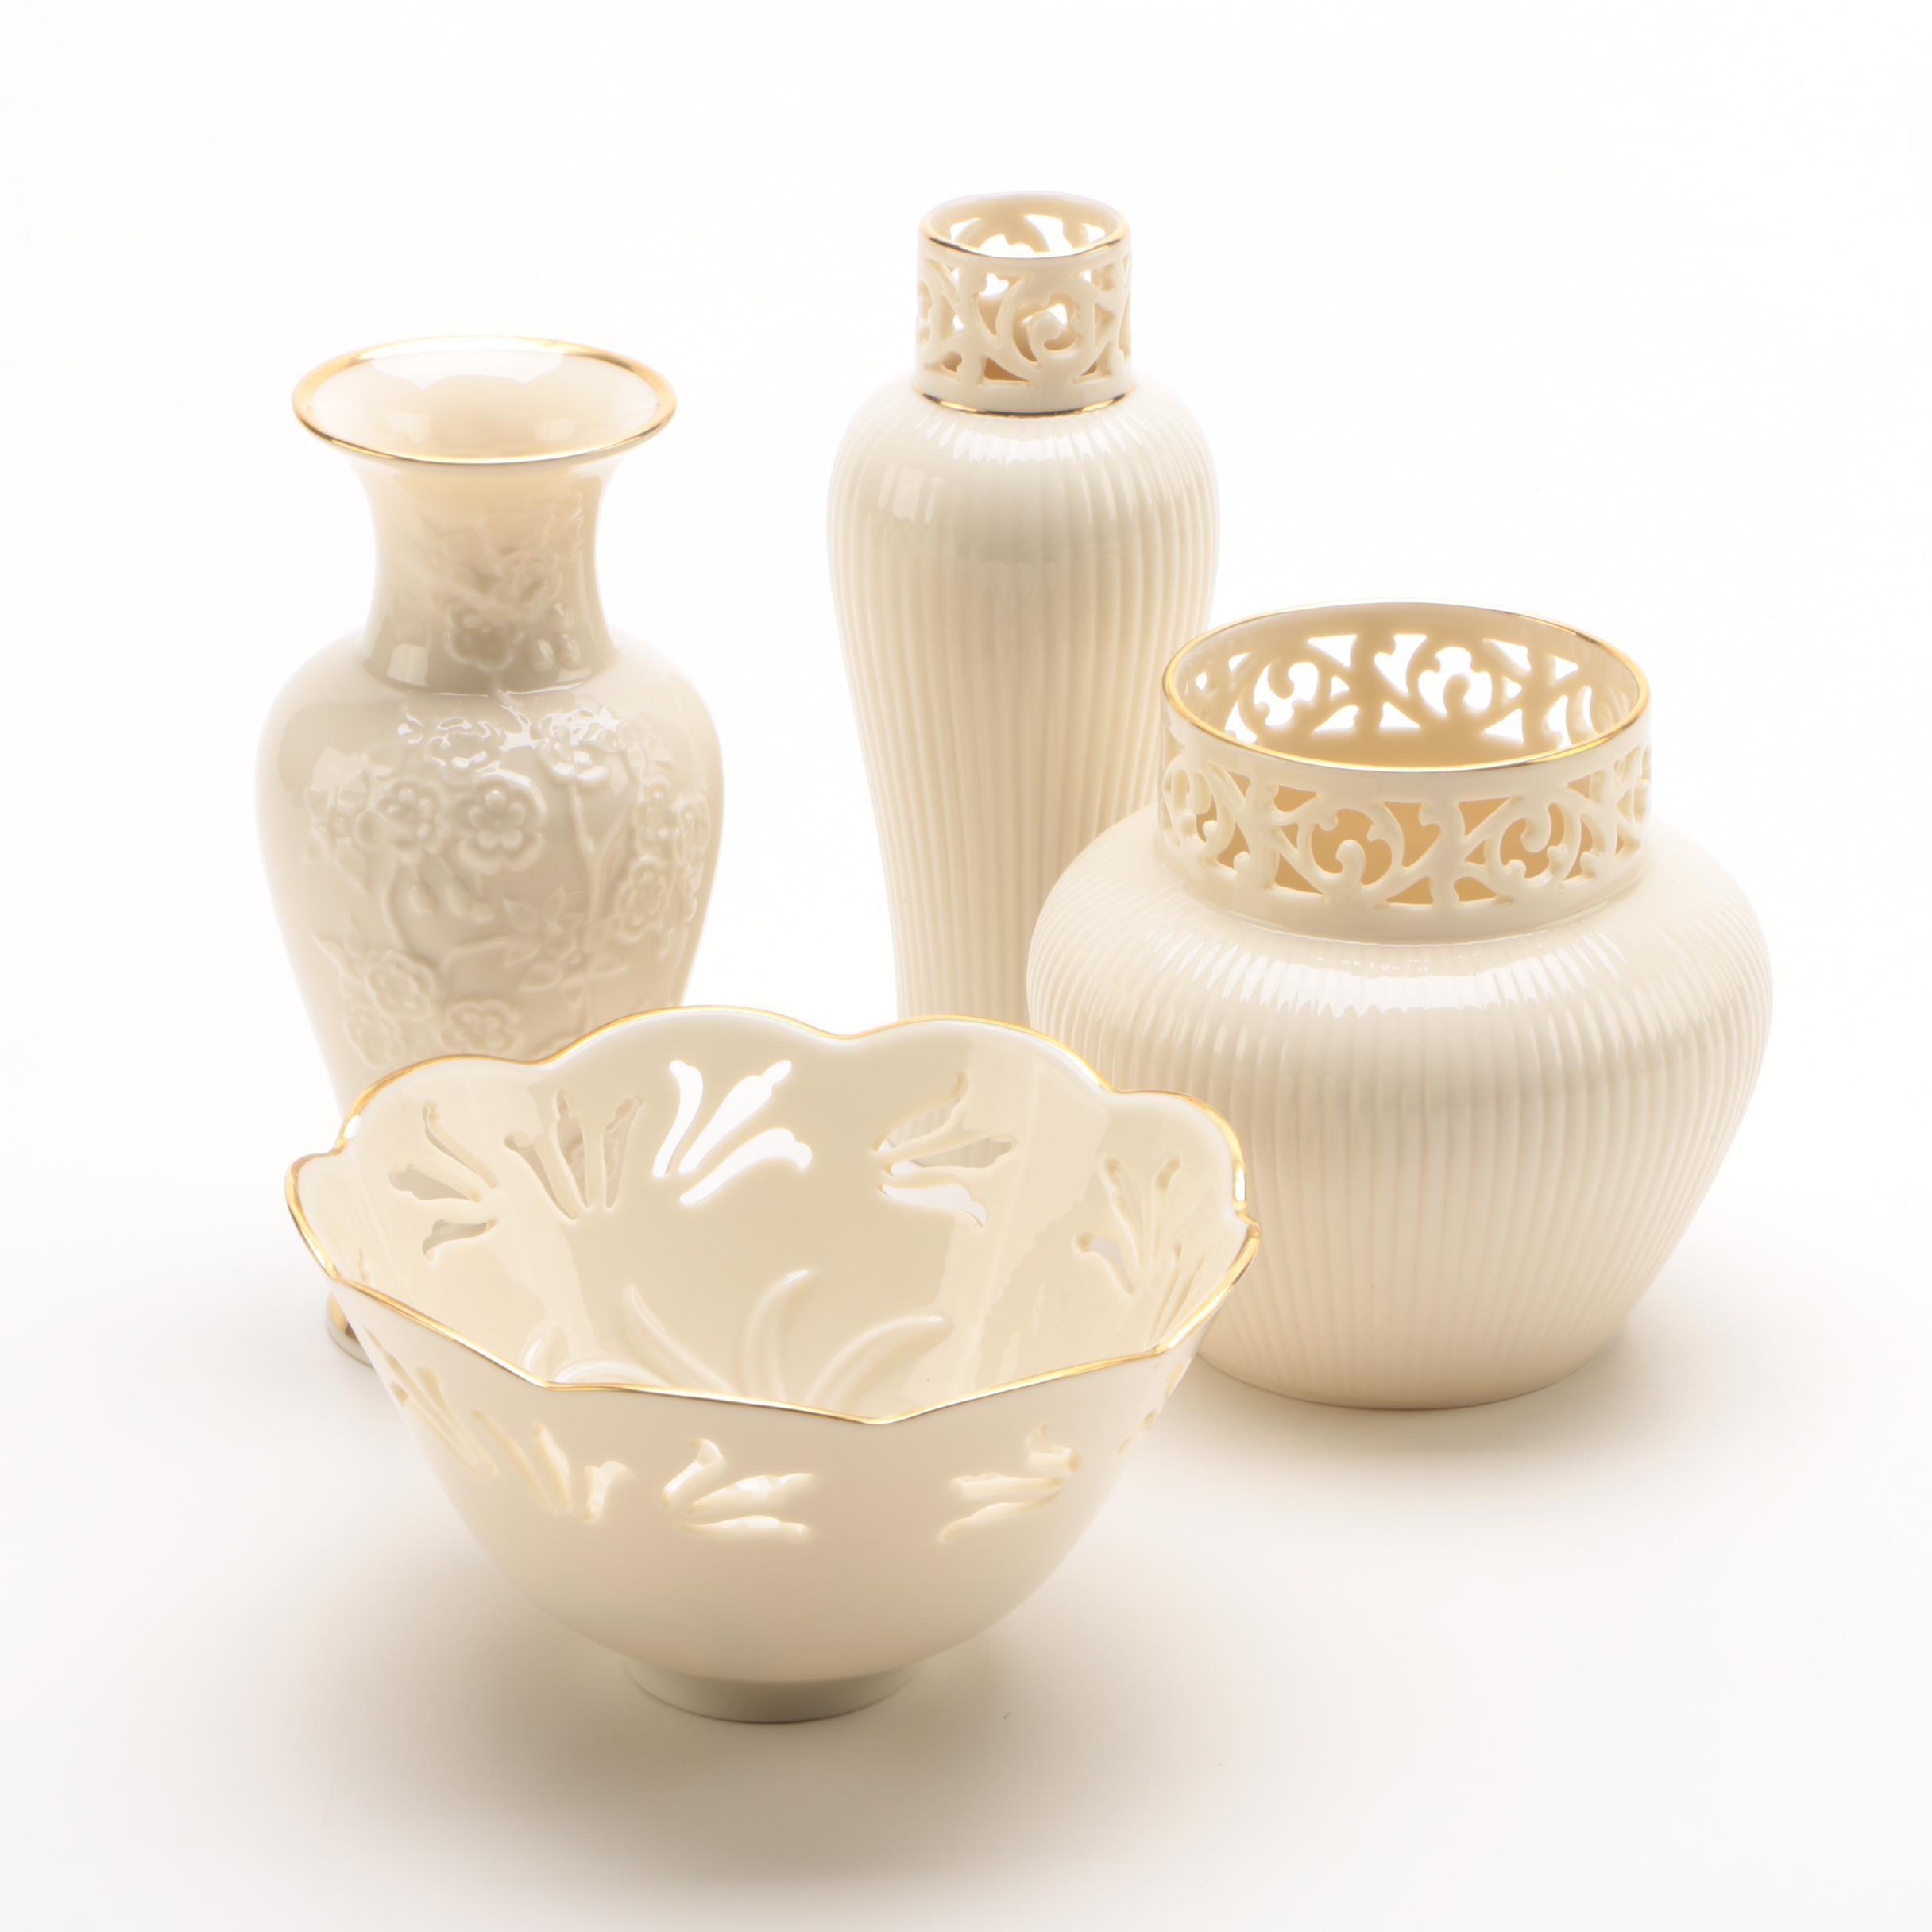 Lenox Porcelain Vases and Decorative Bowl